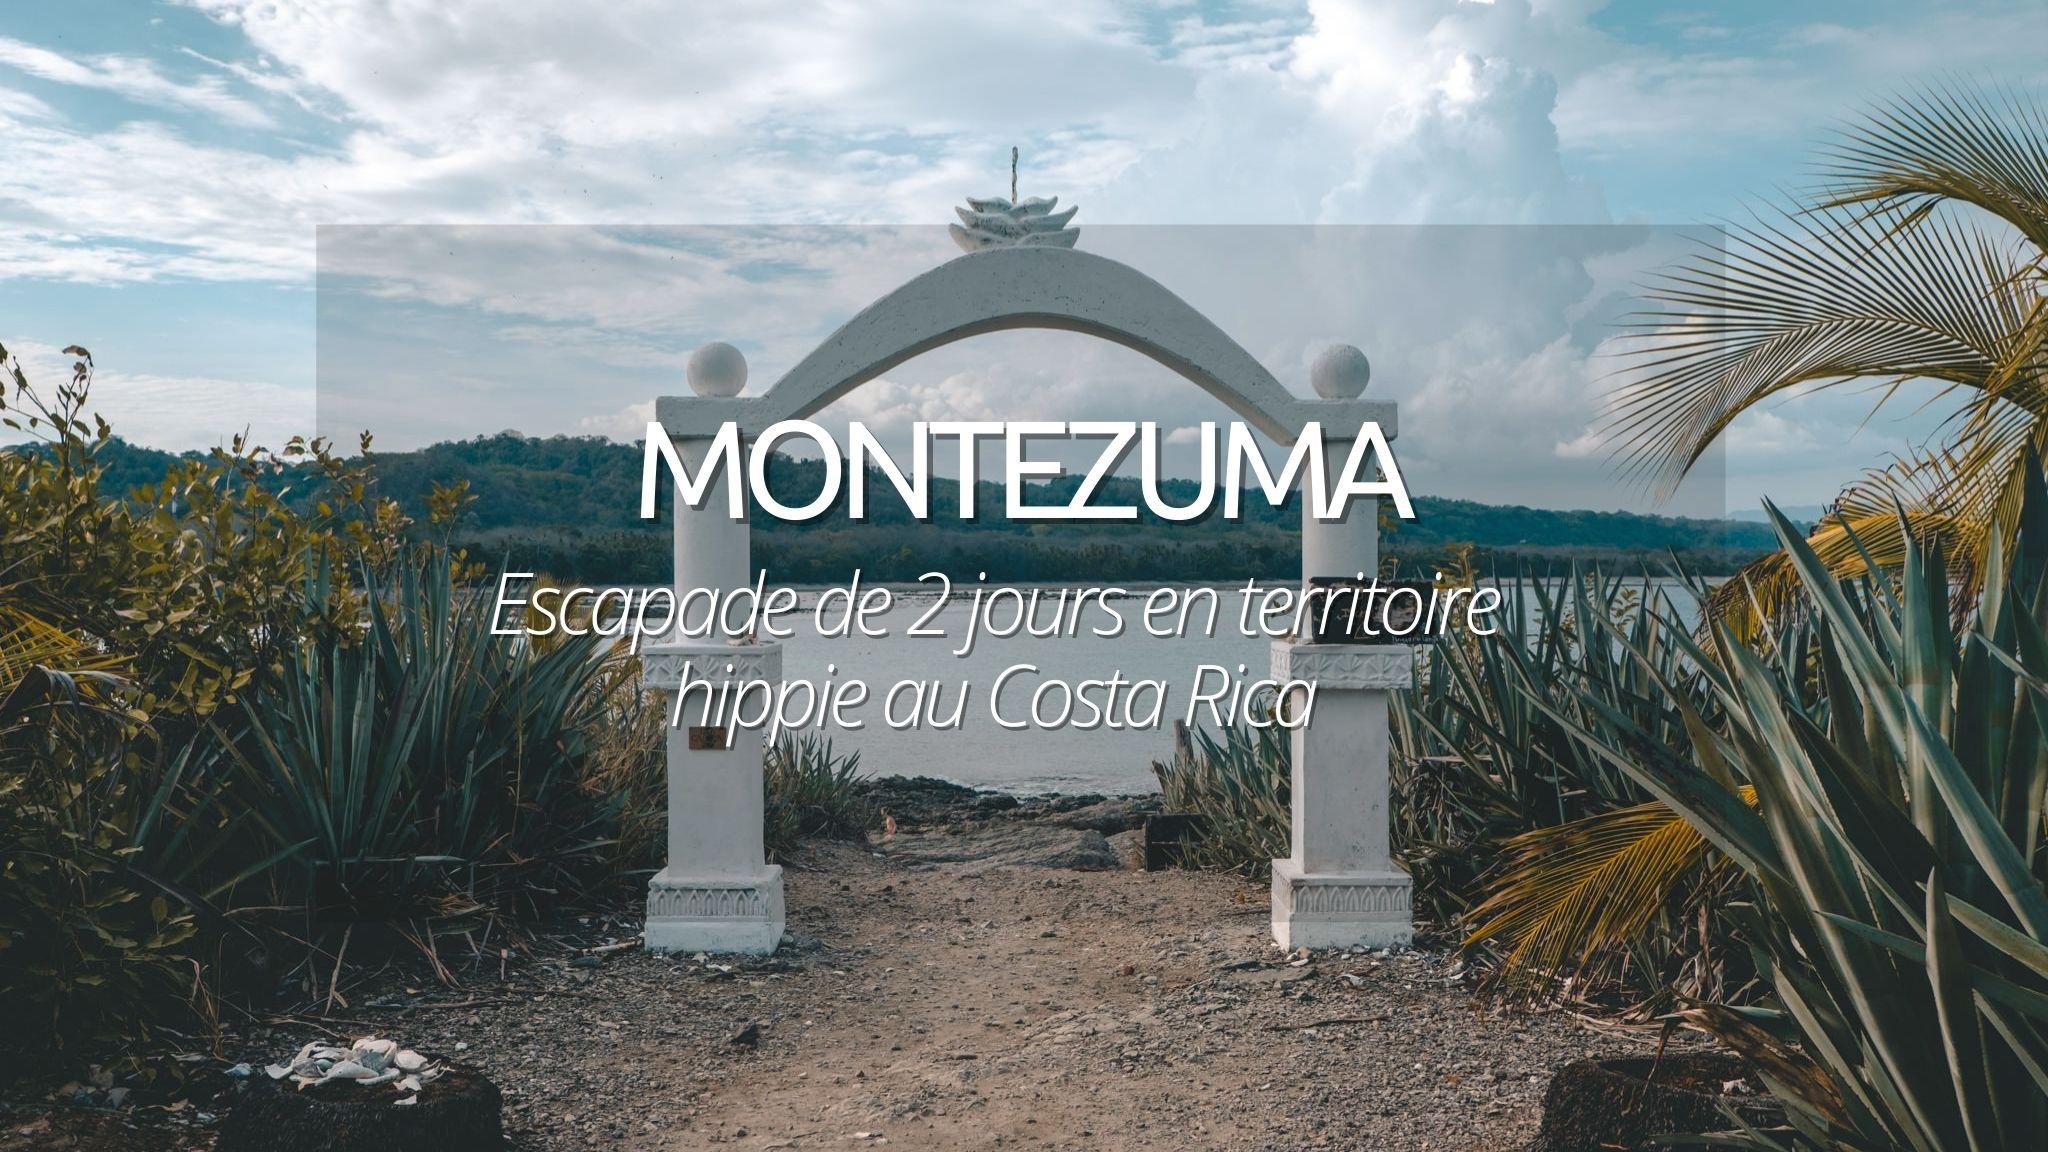 Montezuma au Costa Rica : Escapade de 2 jours en territoire hippies